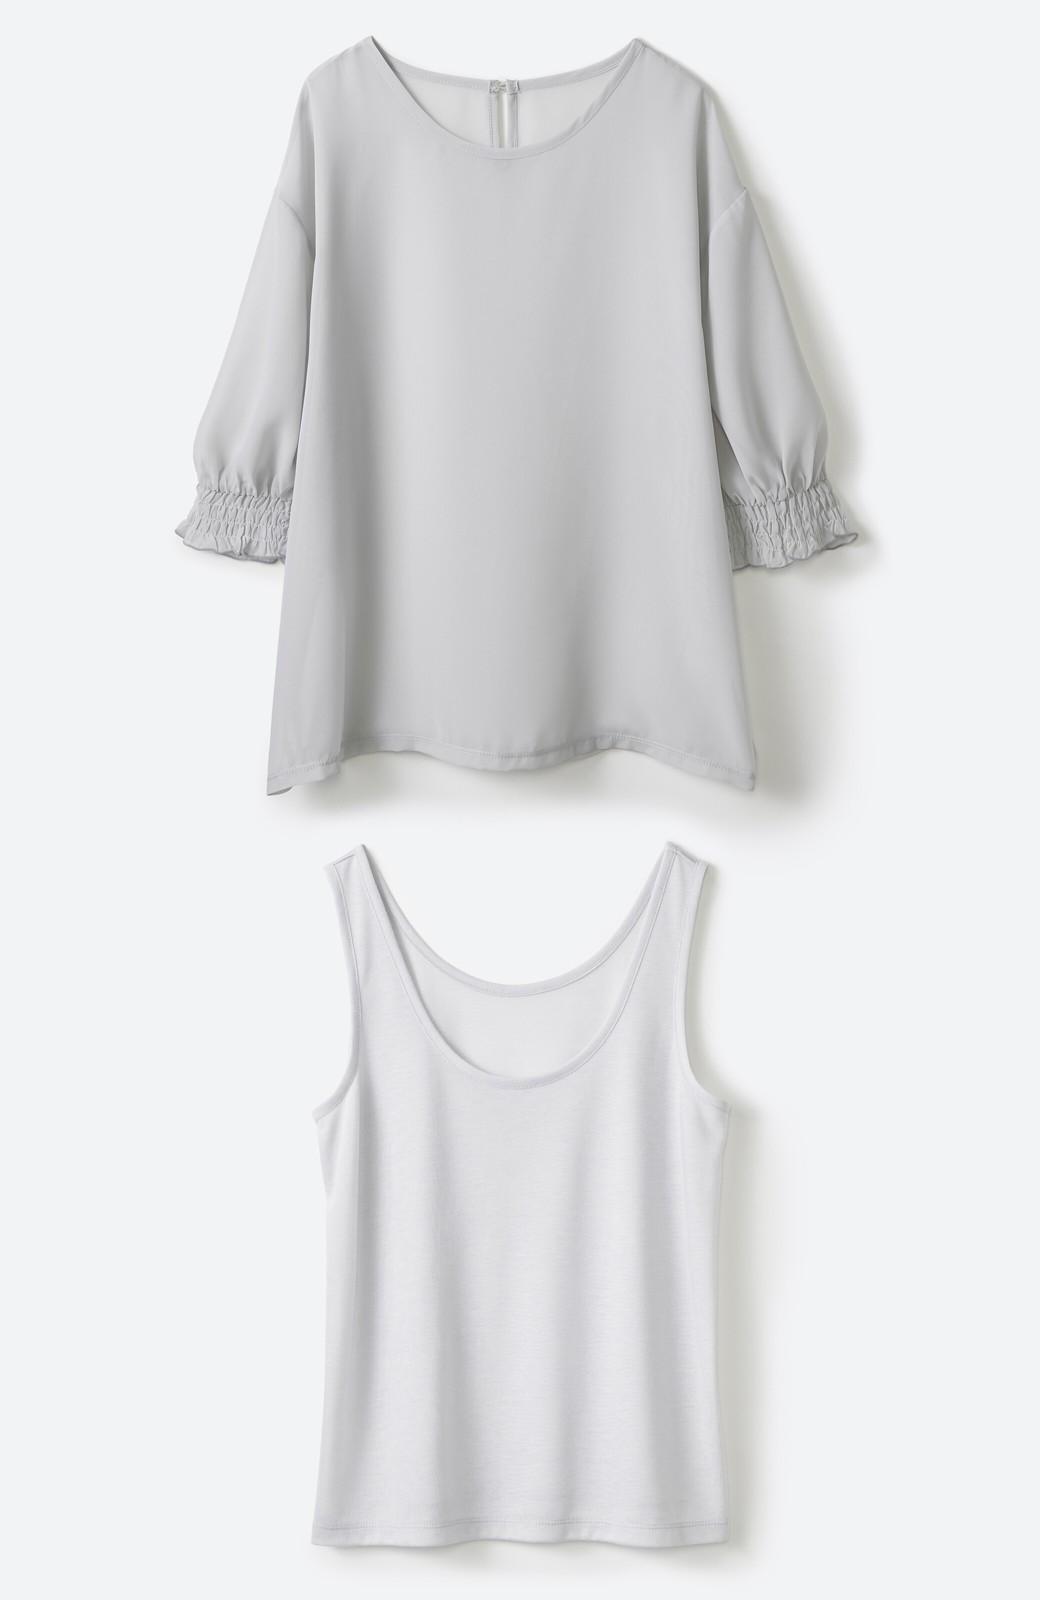 haco! 上品な透け感が華やぎをプラスしてくれるシフォントップス&ノースリーブカットソーセット <ライトグレー>の商品写真23